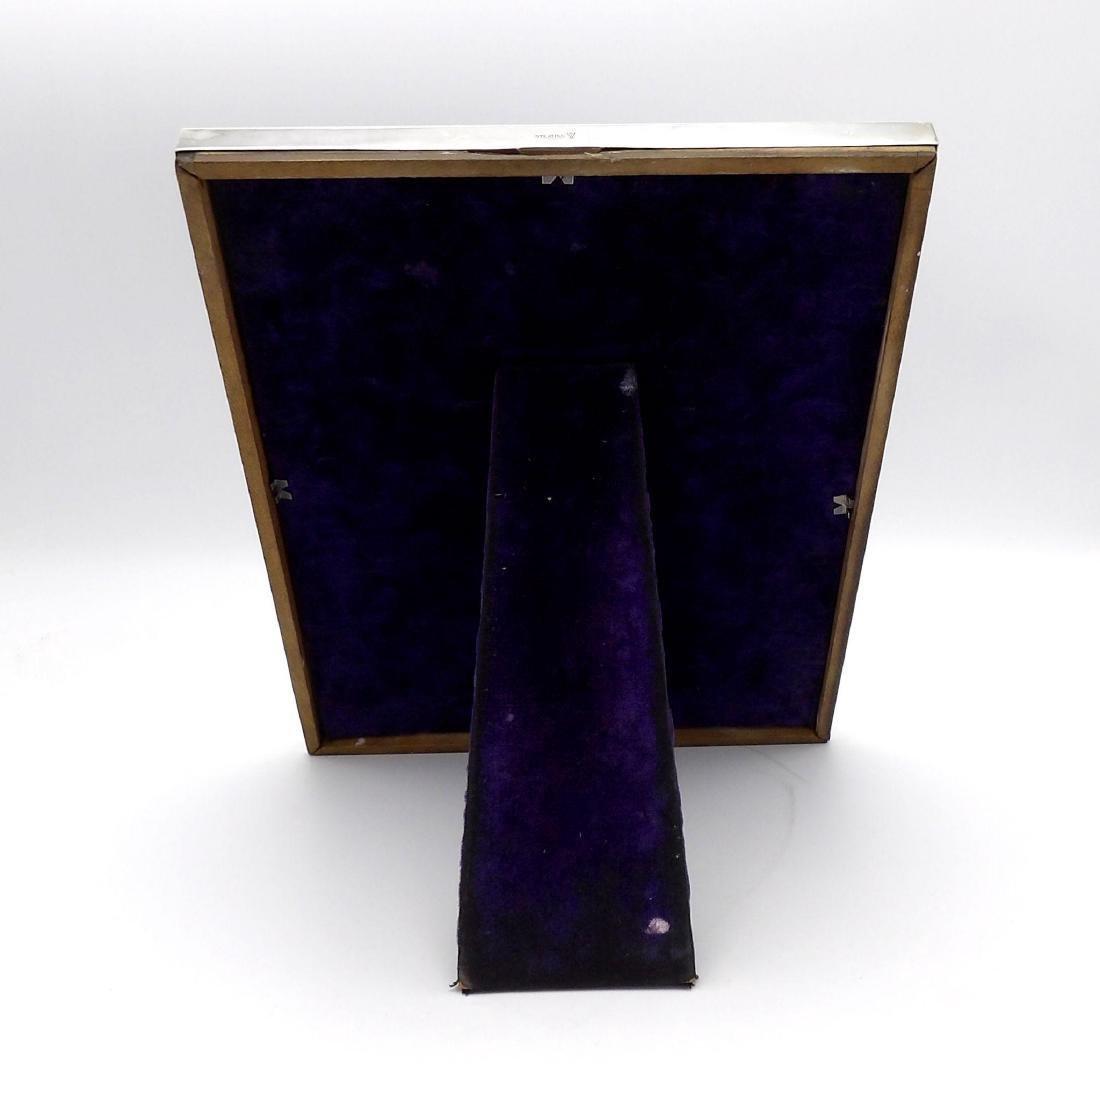 Vintage Arts & Crafts Hammered Sterling Silver Frame - 4